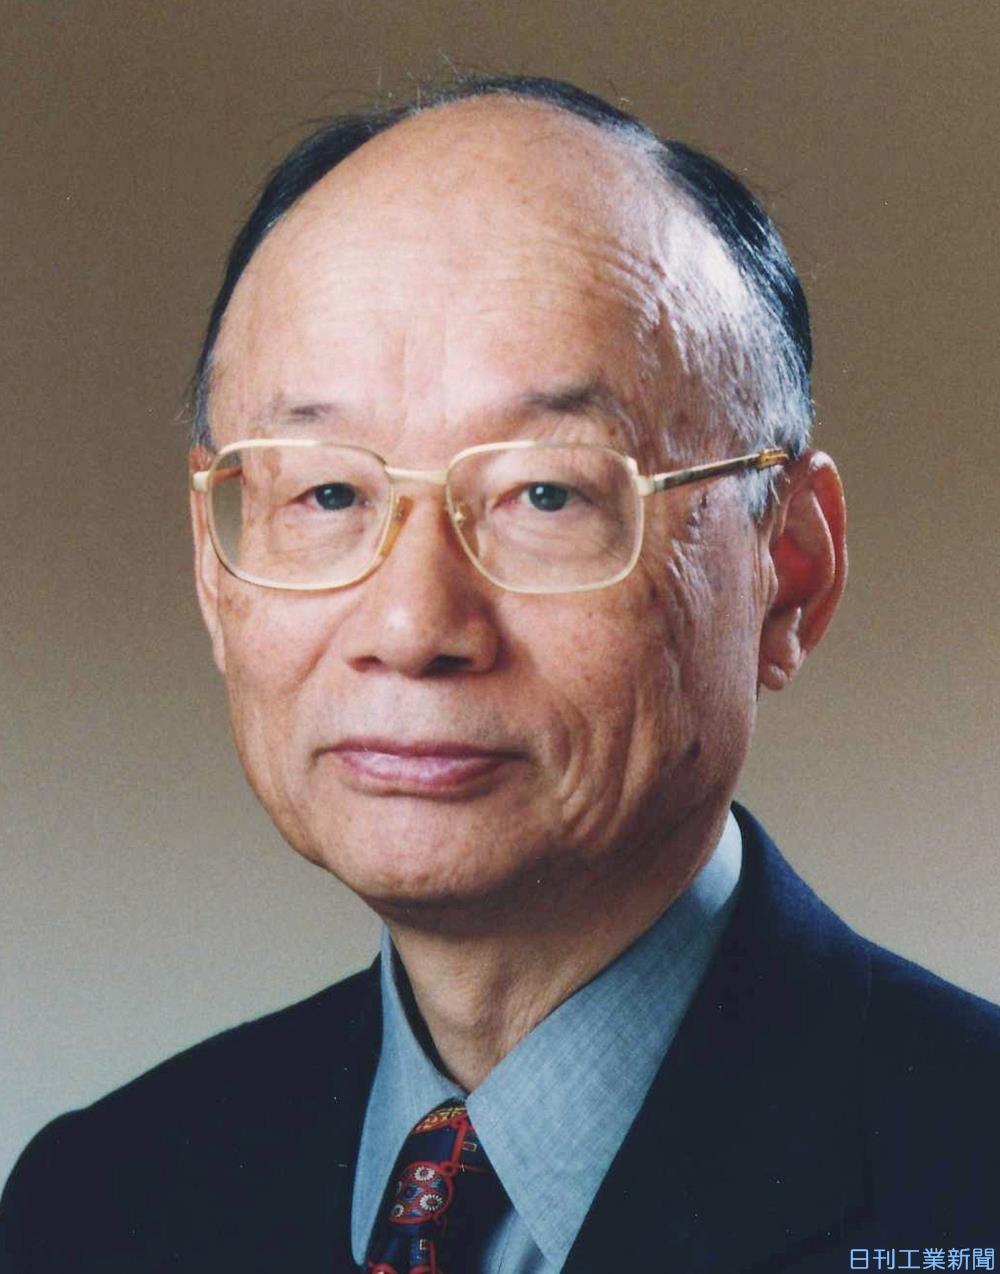 大村 教授 コロナ